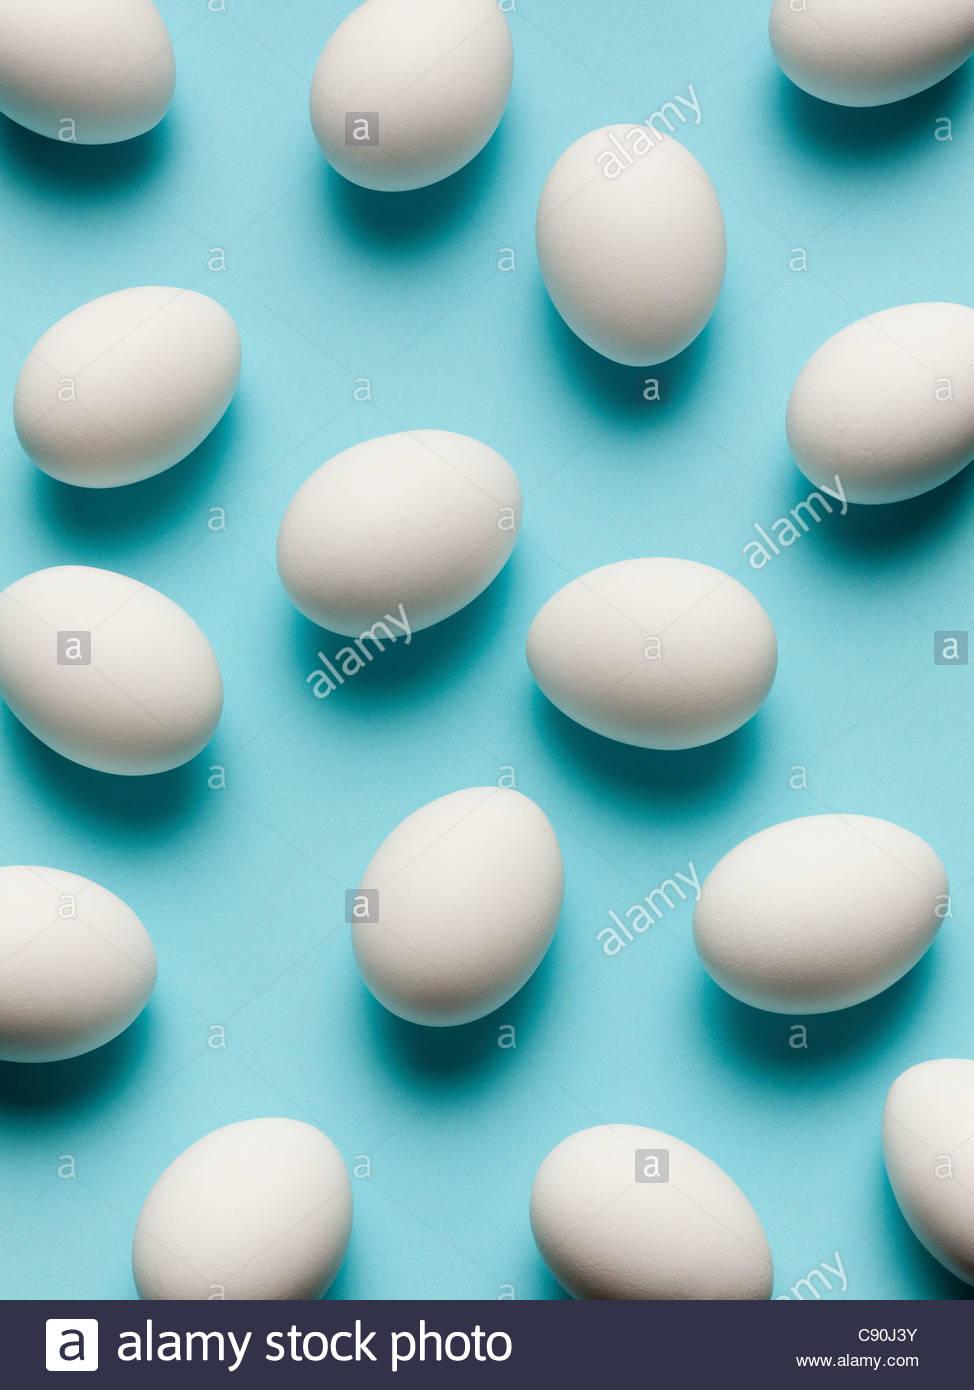 Los huevos de rodadura sobre encimera Imagen De Stock